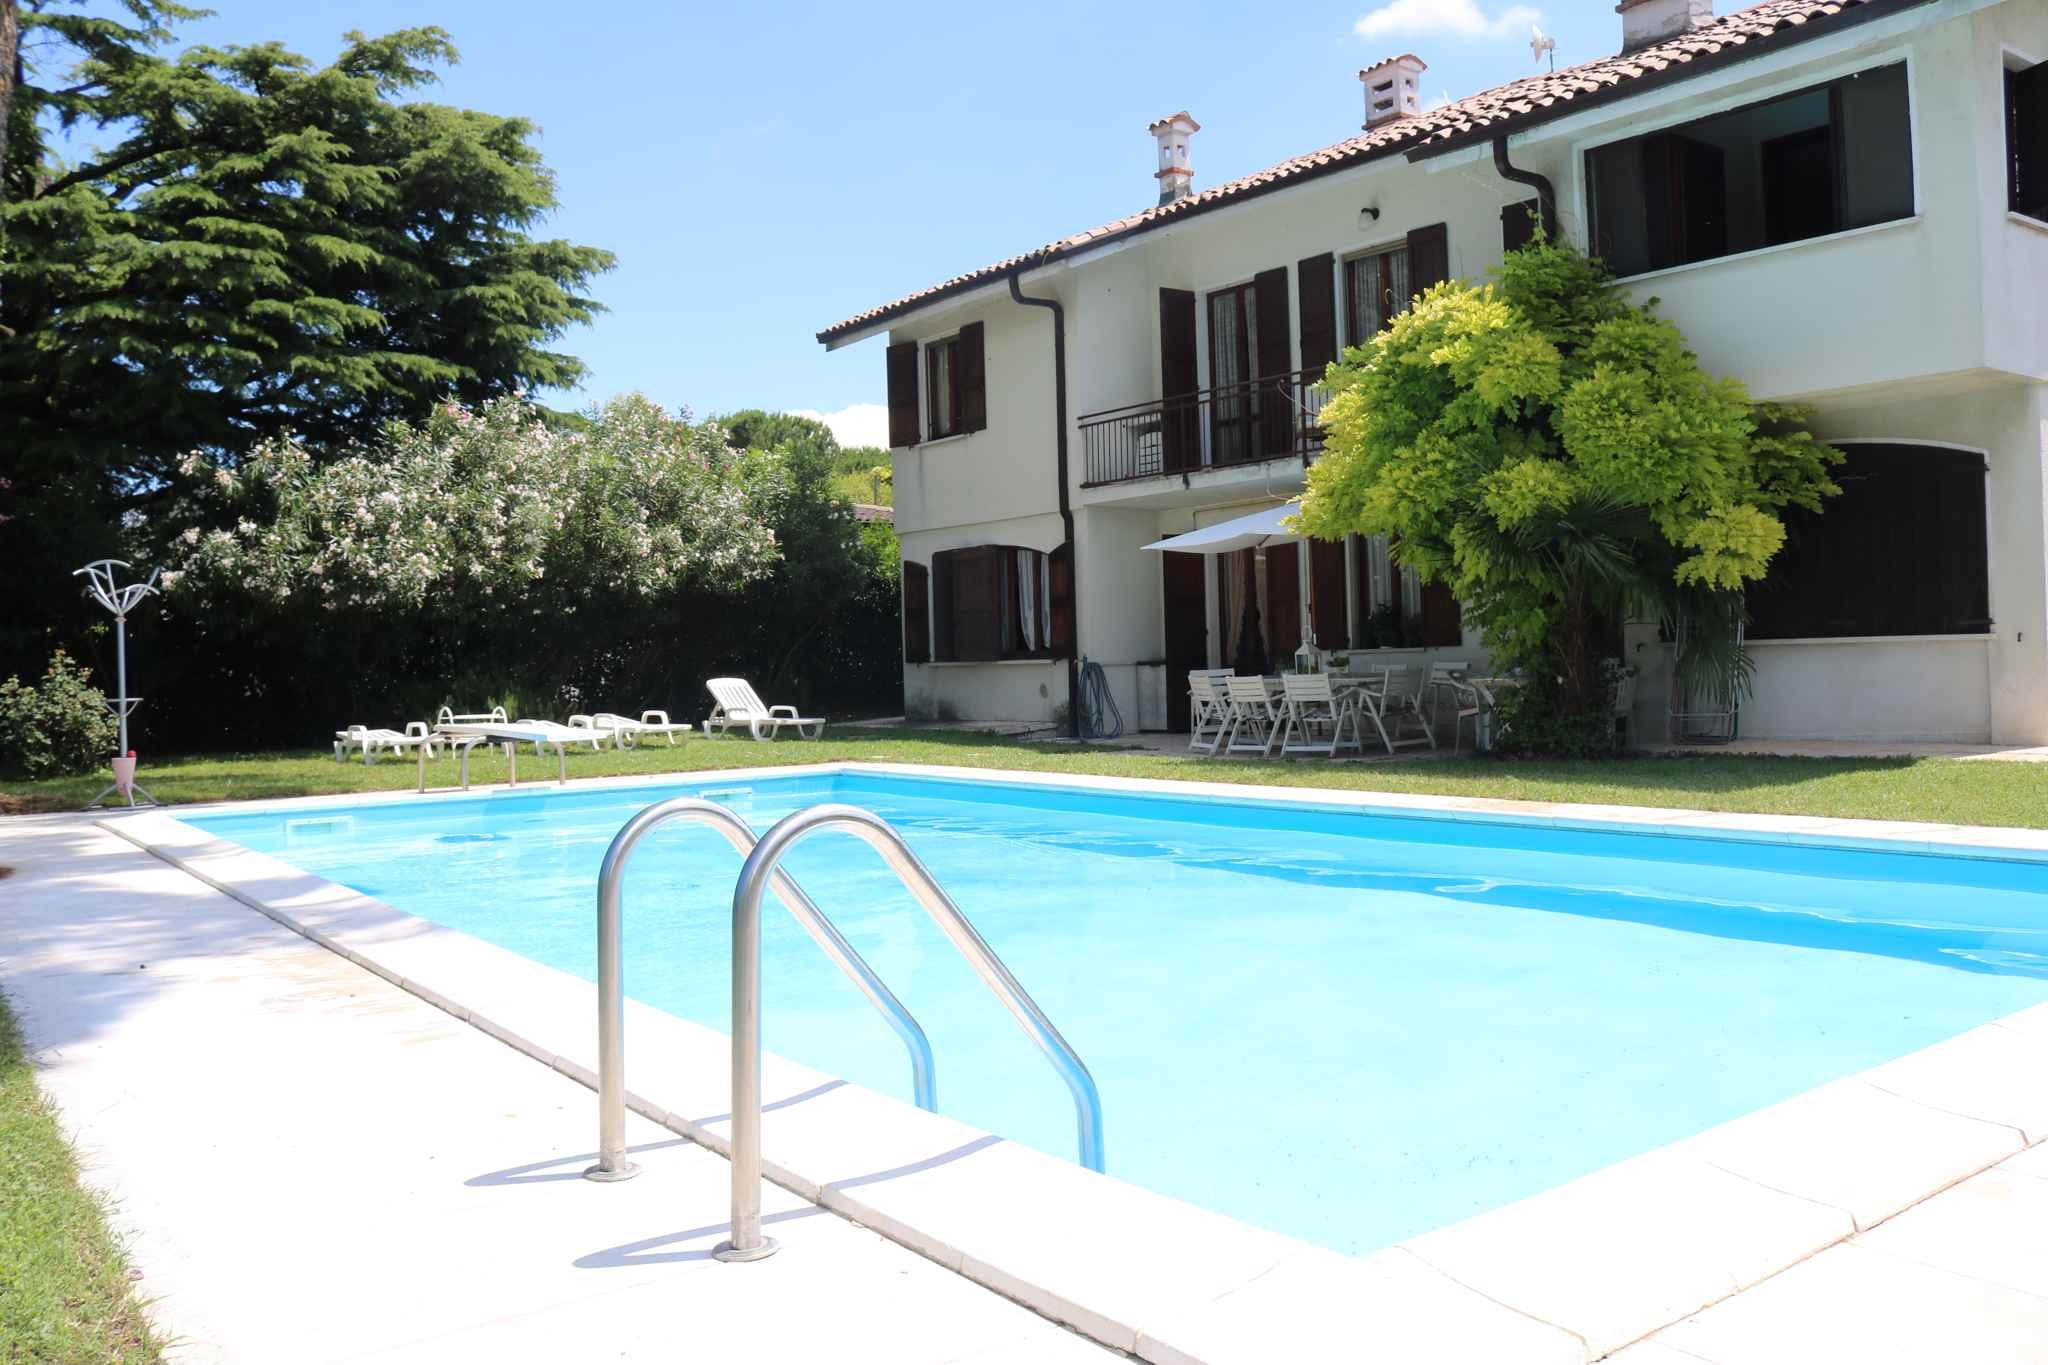 Ferienhaus con terrazza e piscina (491823), Lazise, Gardasee, Venetien, Italien, Bild 8